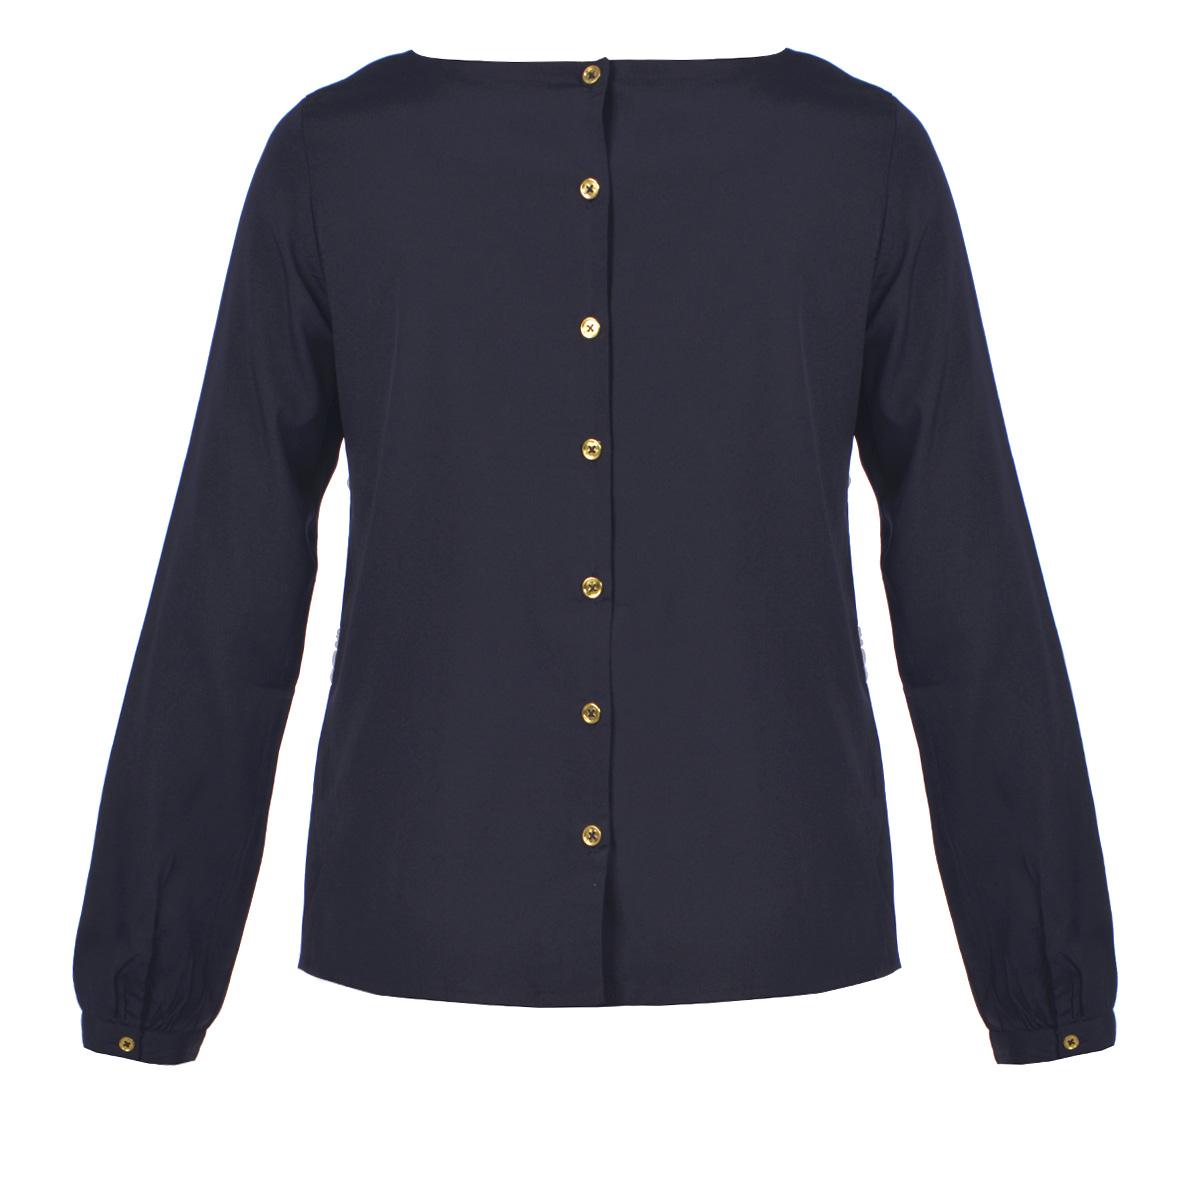 Блузка100893Стильная блуза ICHI выполнена из полиэстера. Модель свободного кроя, с круглым вырезом горловины и длинными рукавами подчеркнет женственность и красоту вашей фигуры. Изделие застегивается на пуговицы на спинке. Лицевая сторона декорирована вышивкой. Романтичная блуза - для девушки, стремящейся всегда оставаться стильной и элегантной.